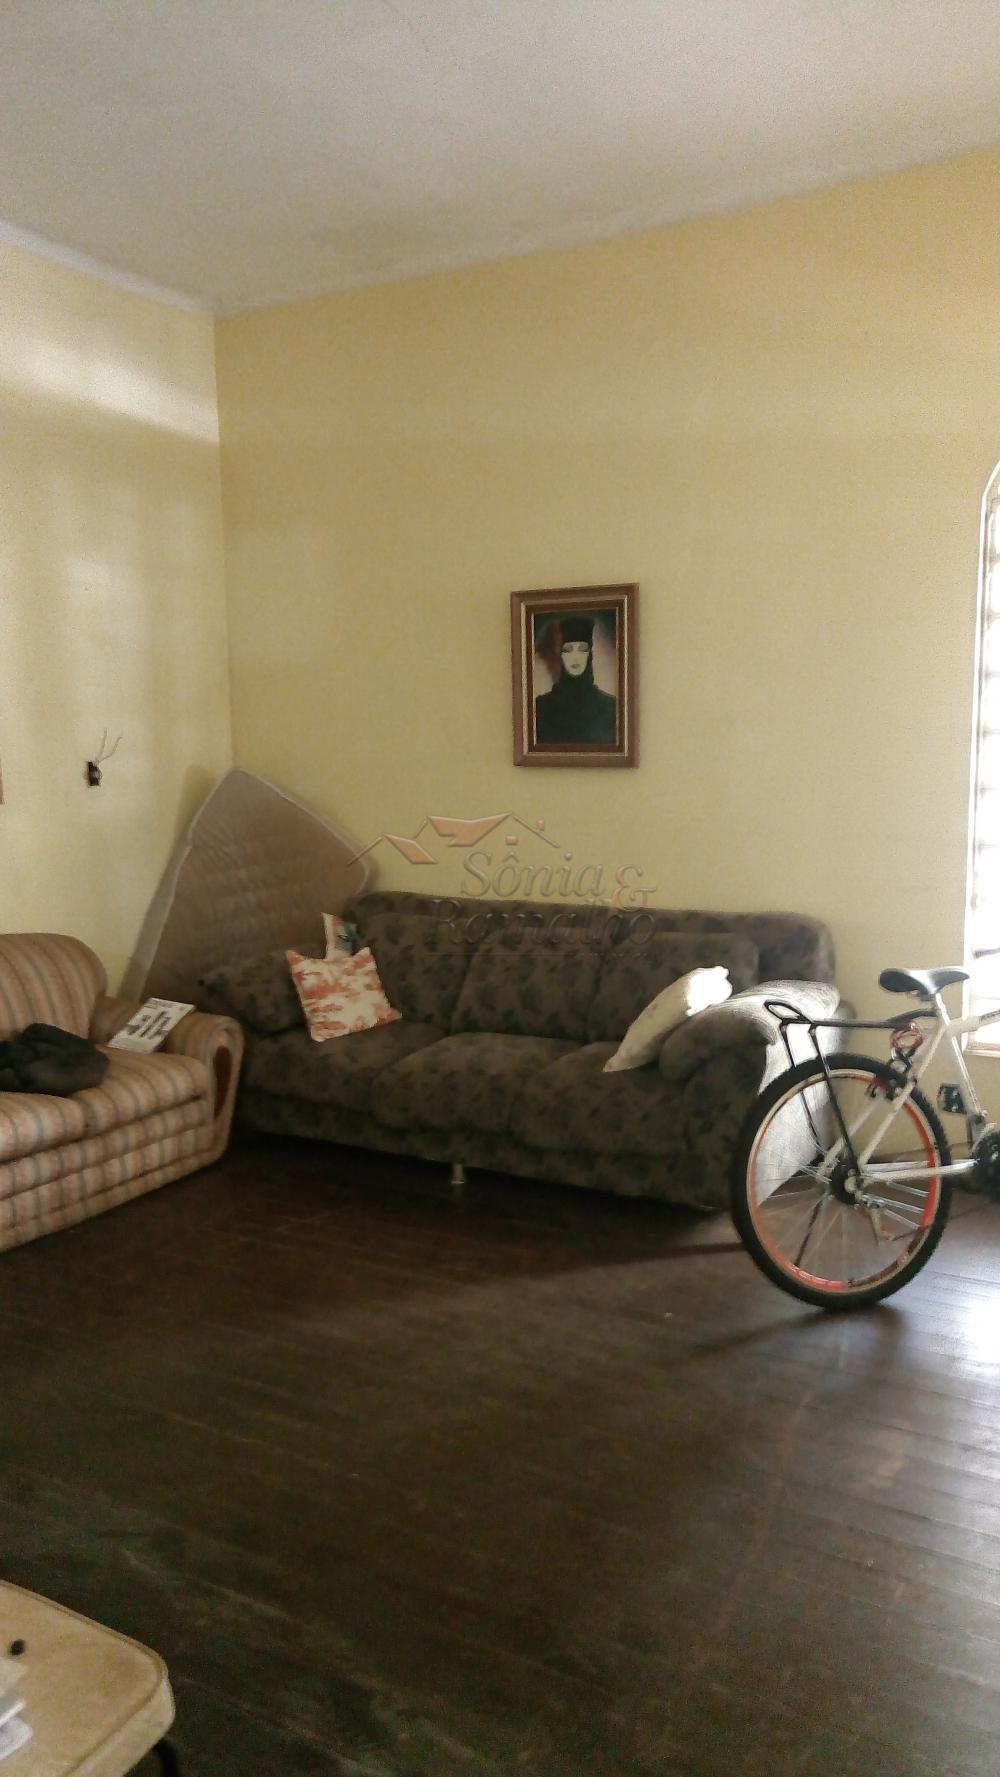 Comprar Casas / Padrão em Ribeirão Preto R$ 700.000,00 - Foto 3